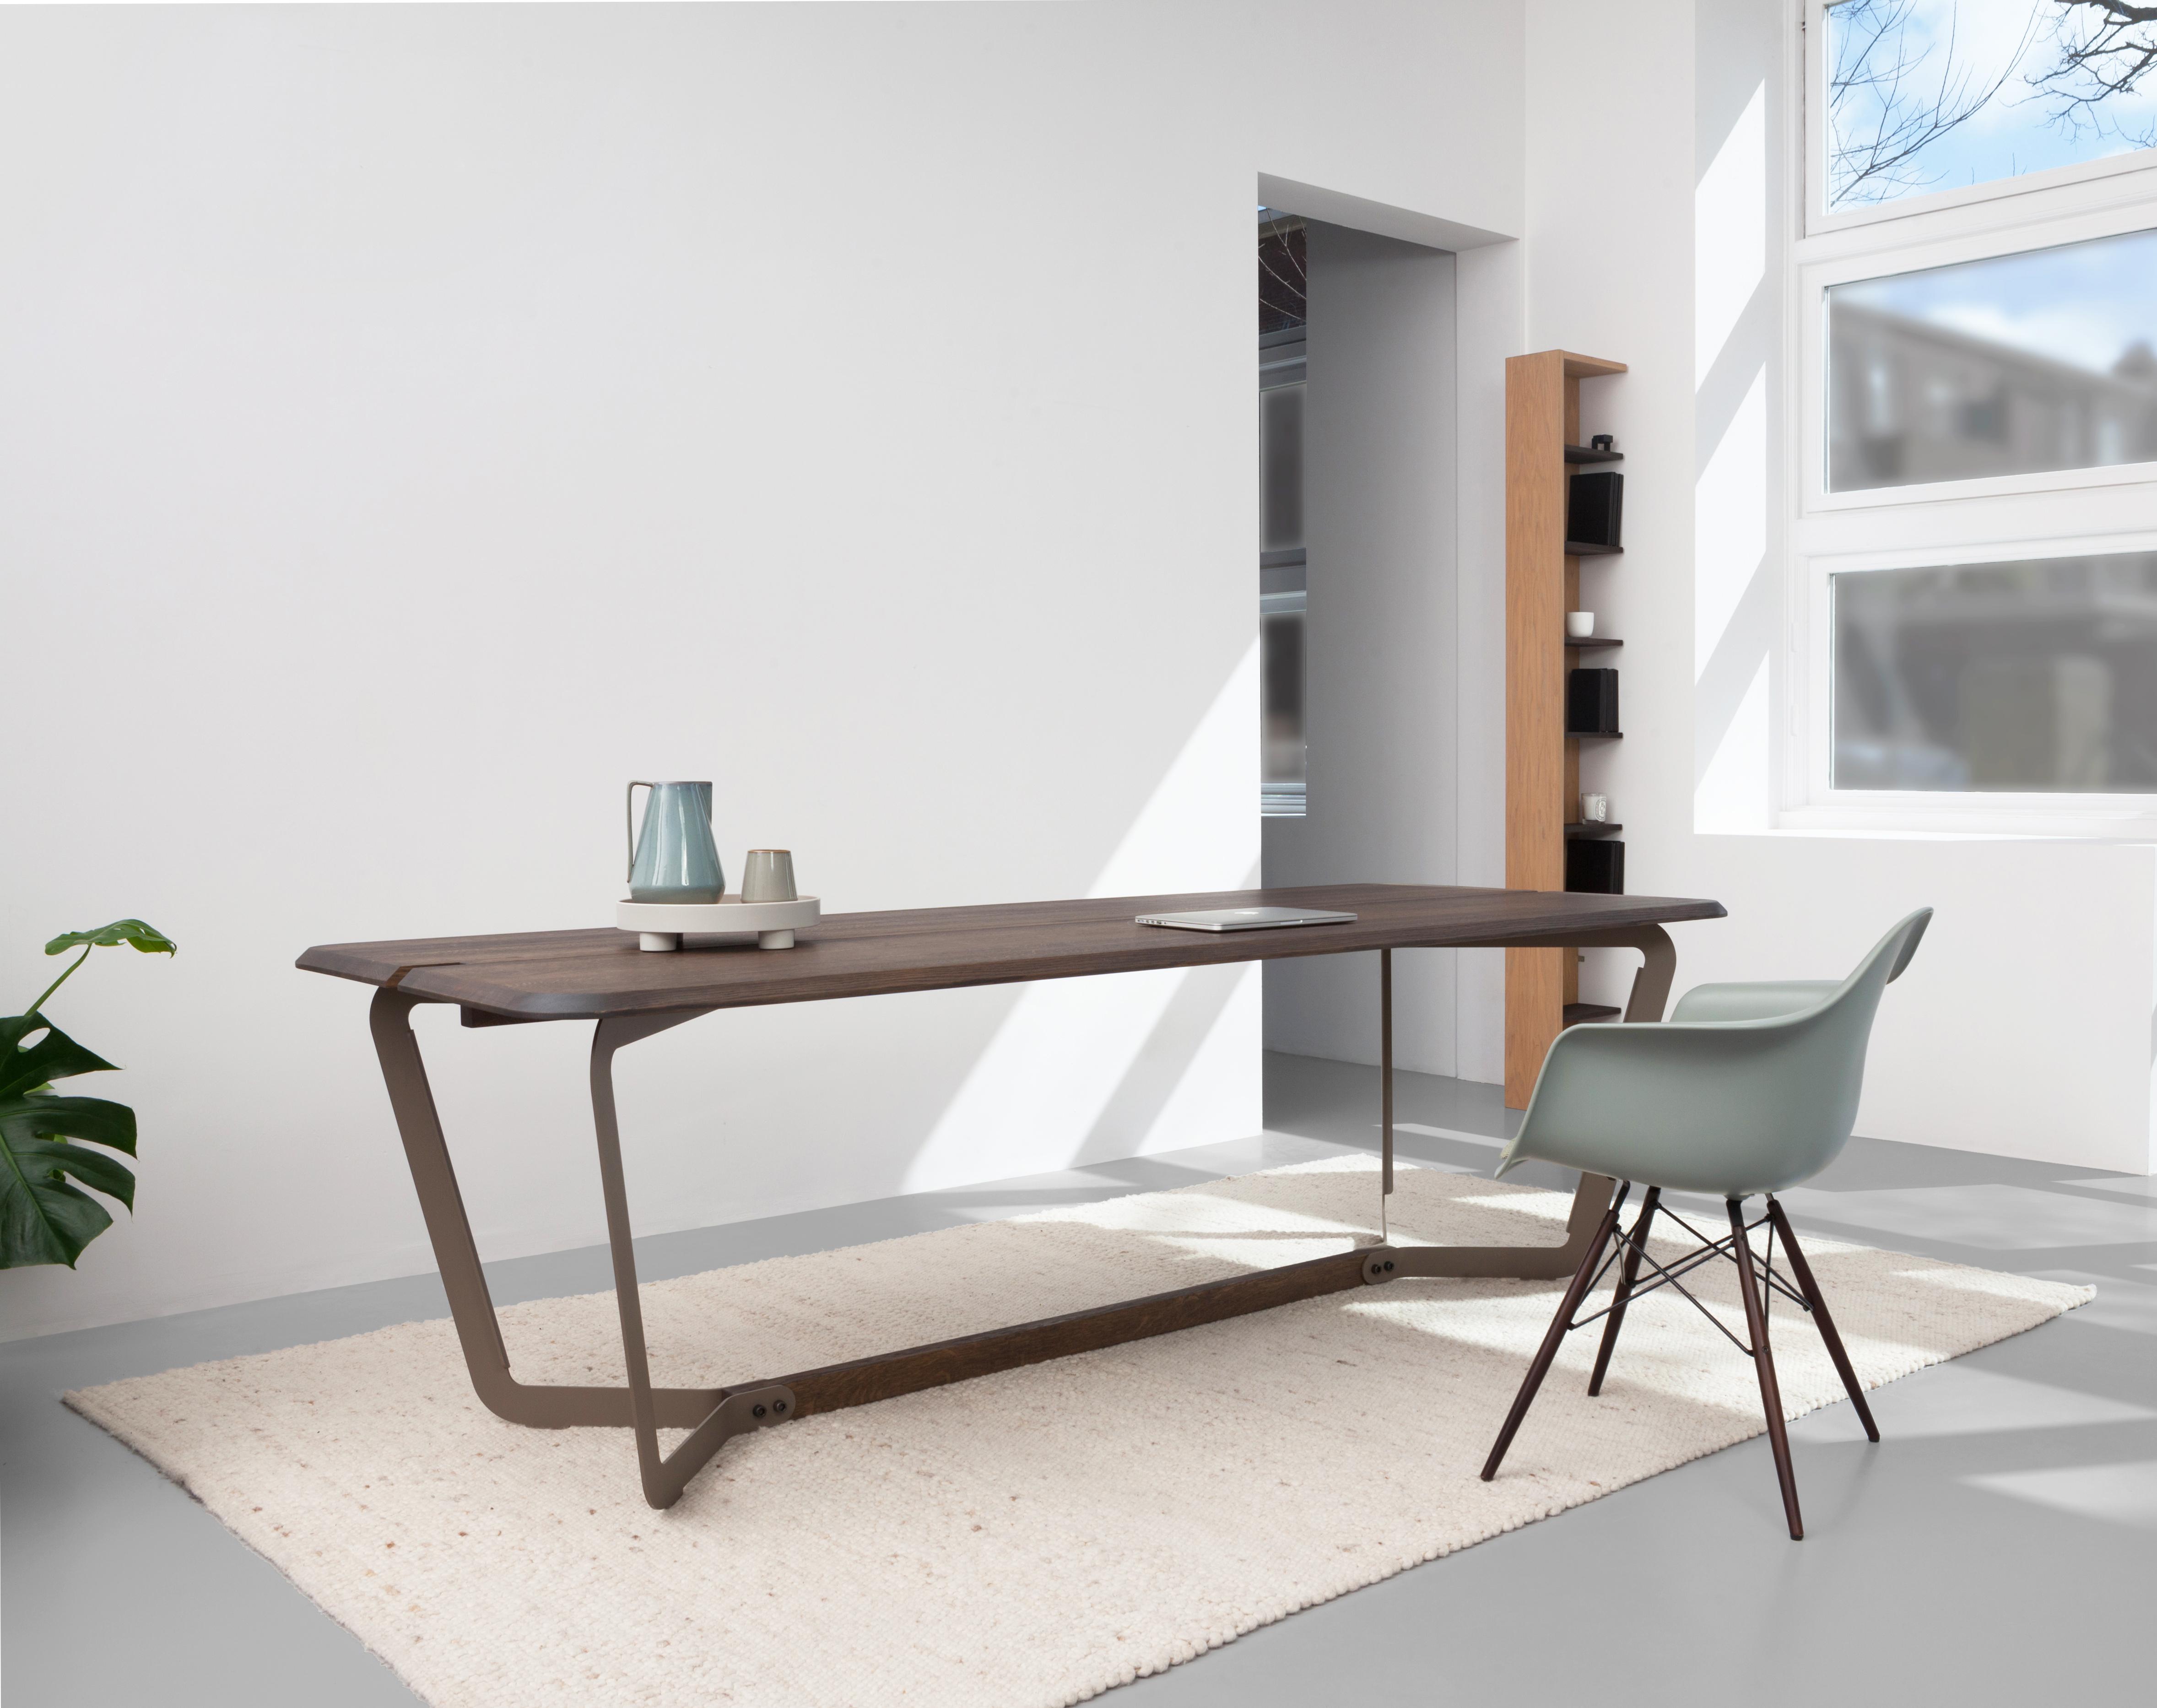 Dutch Design Tafel : Design dining table stringer l bas vellekoop l odesi your dutch